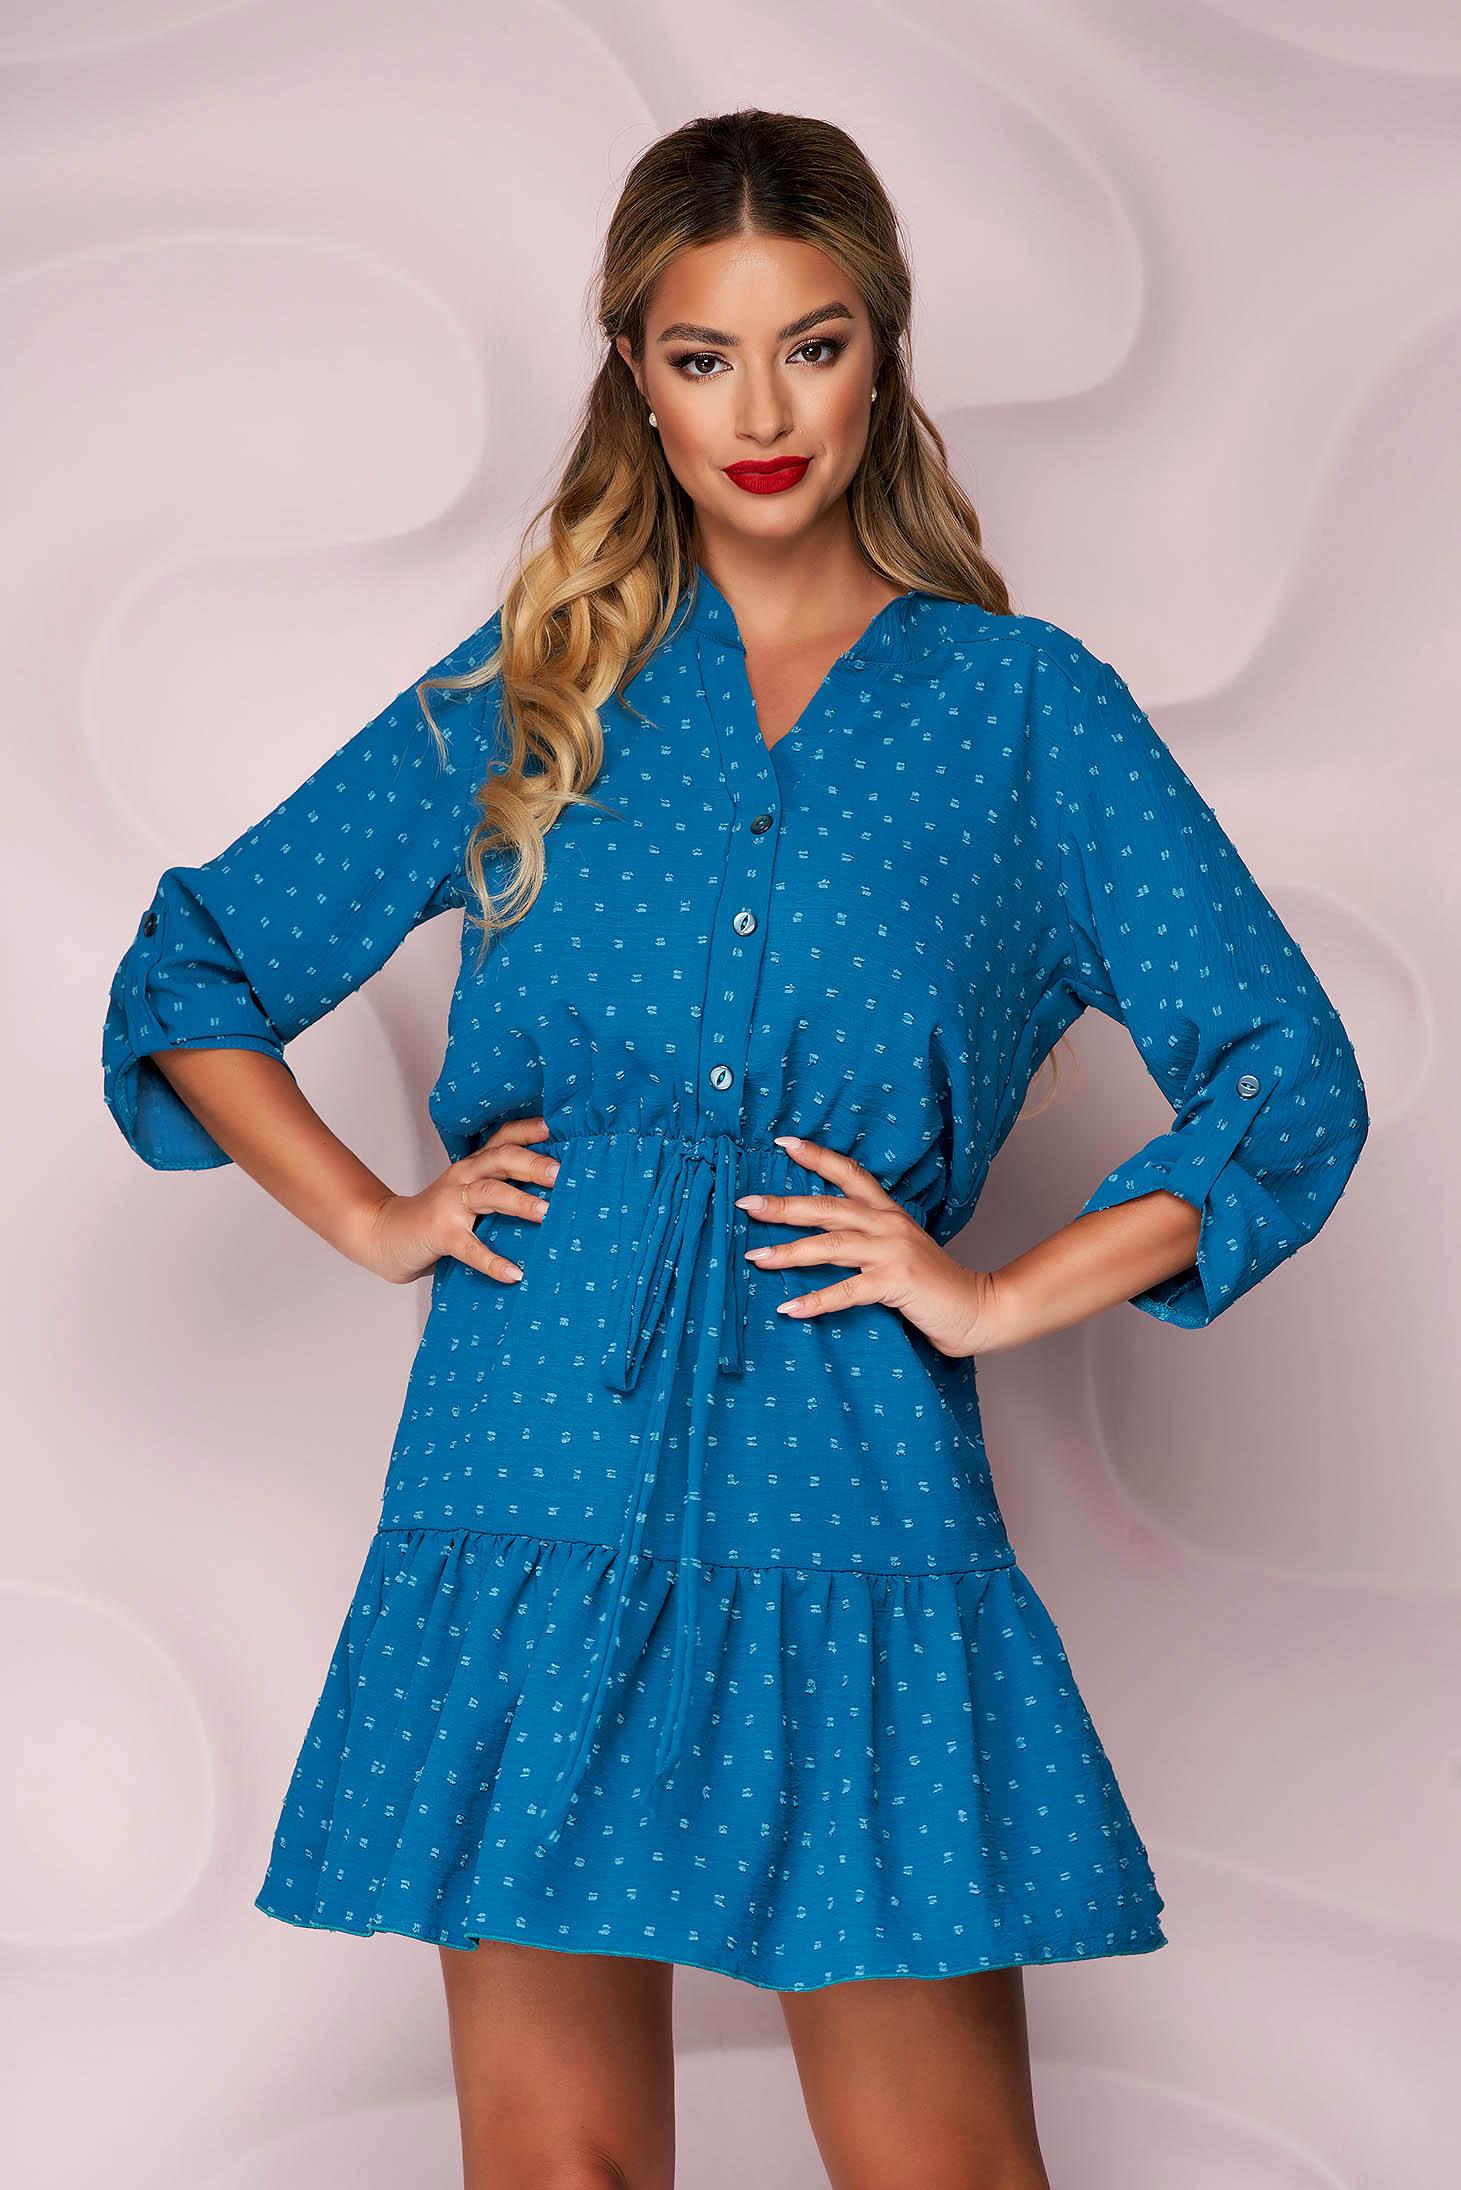 Türkizzöld rövid harang alakú ruha gumirozott derékrésszel muszlinból